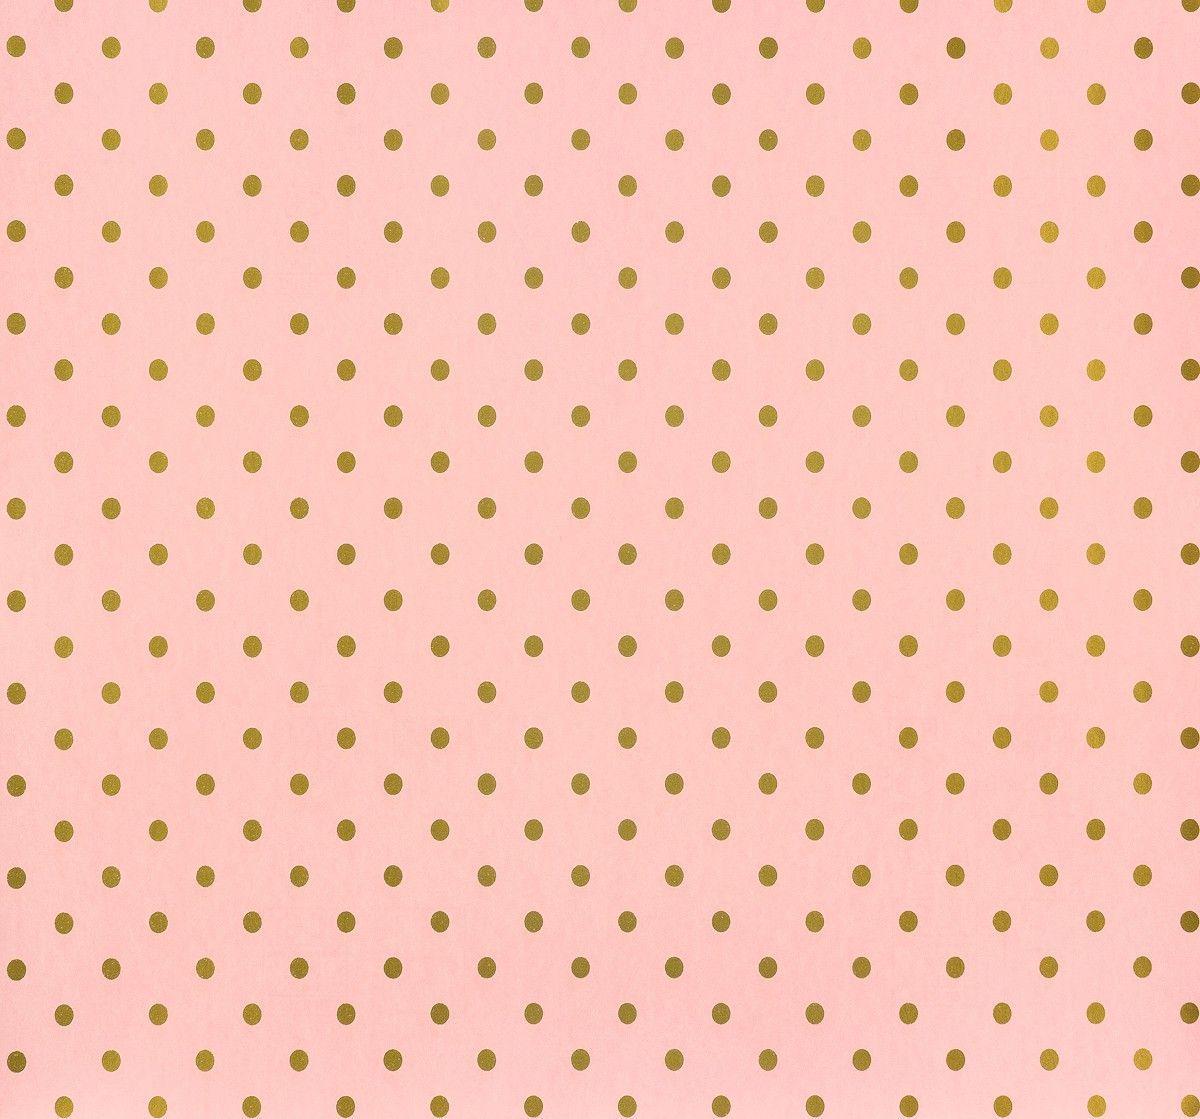 1200x1119 Favs Pink Gold Wallpaper Gold Wallpaper